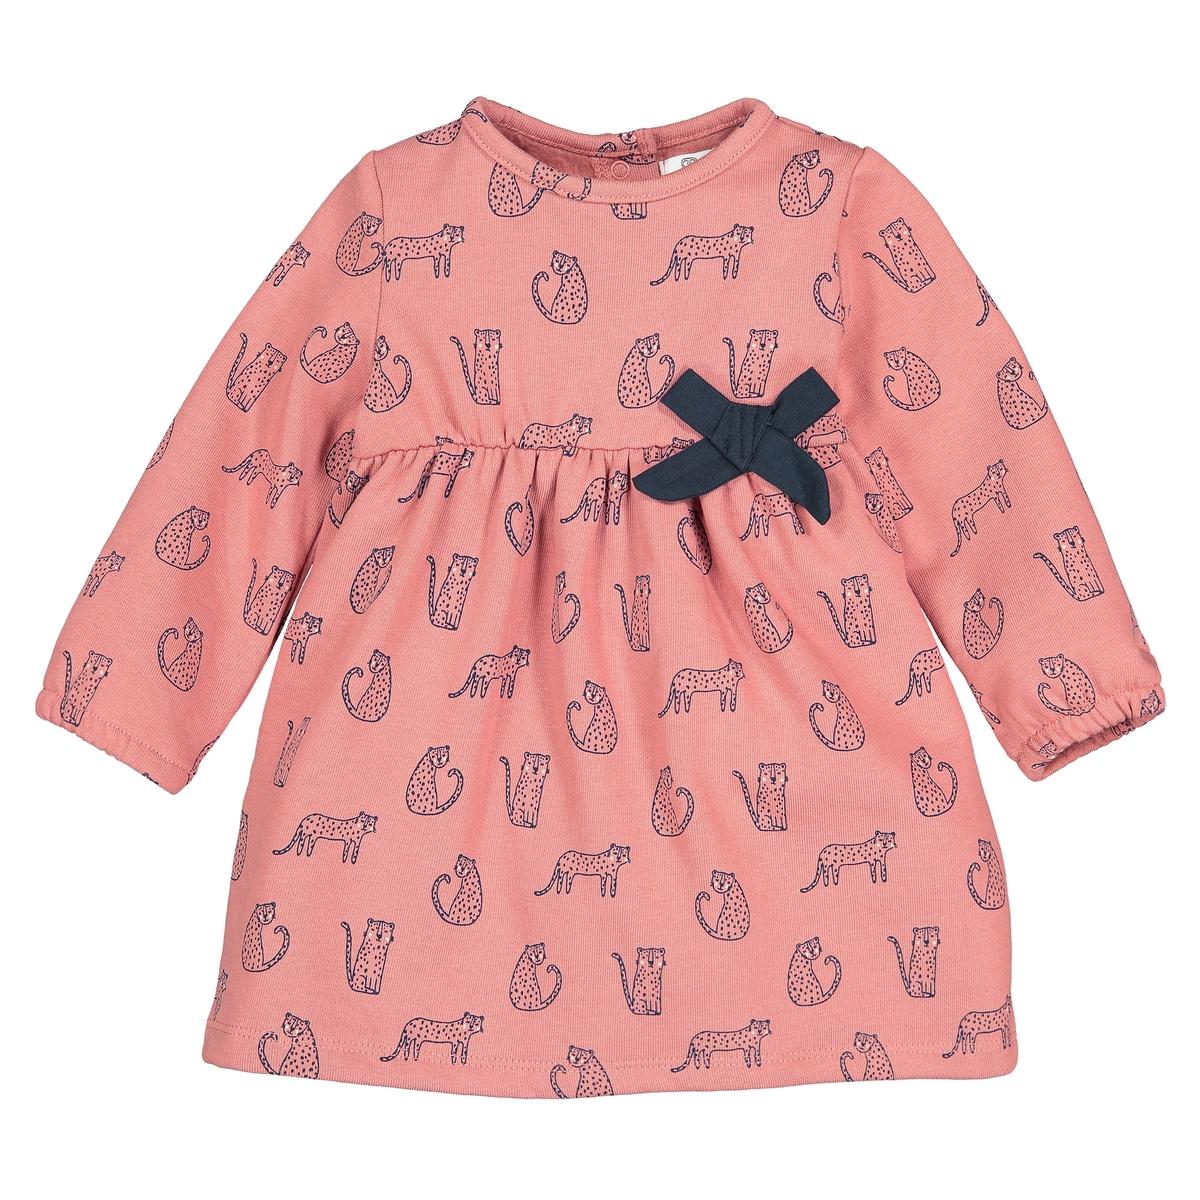 Платье La Redoute Из мольтона с леопардовым принтом мес - лет 2 года - 86 см розовый